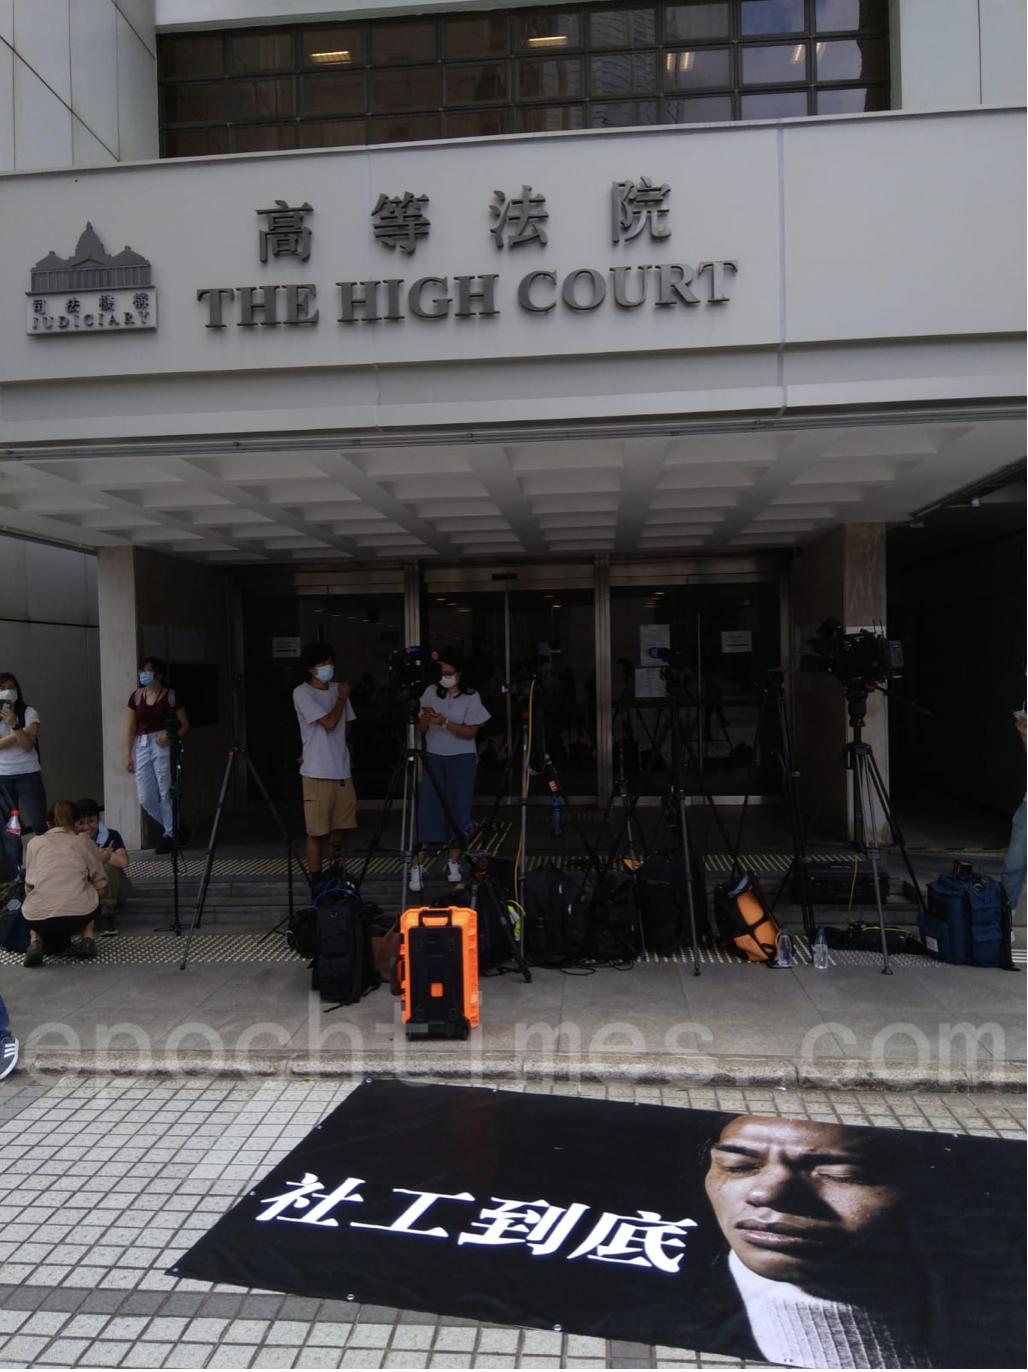 劉家棟案件今早在高等法院上訴,他獲保釋,須呈交 10 萬元保釋金,以及交出旅遊證件、不准離開香港、定時到警署報到等。(杜夫/大紀元)